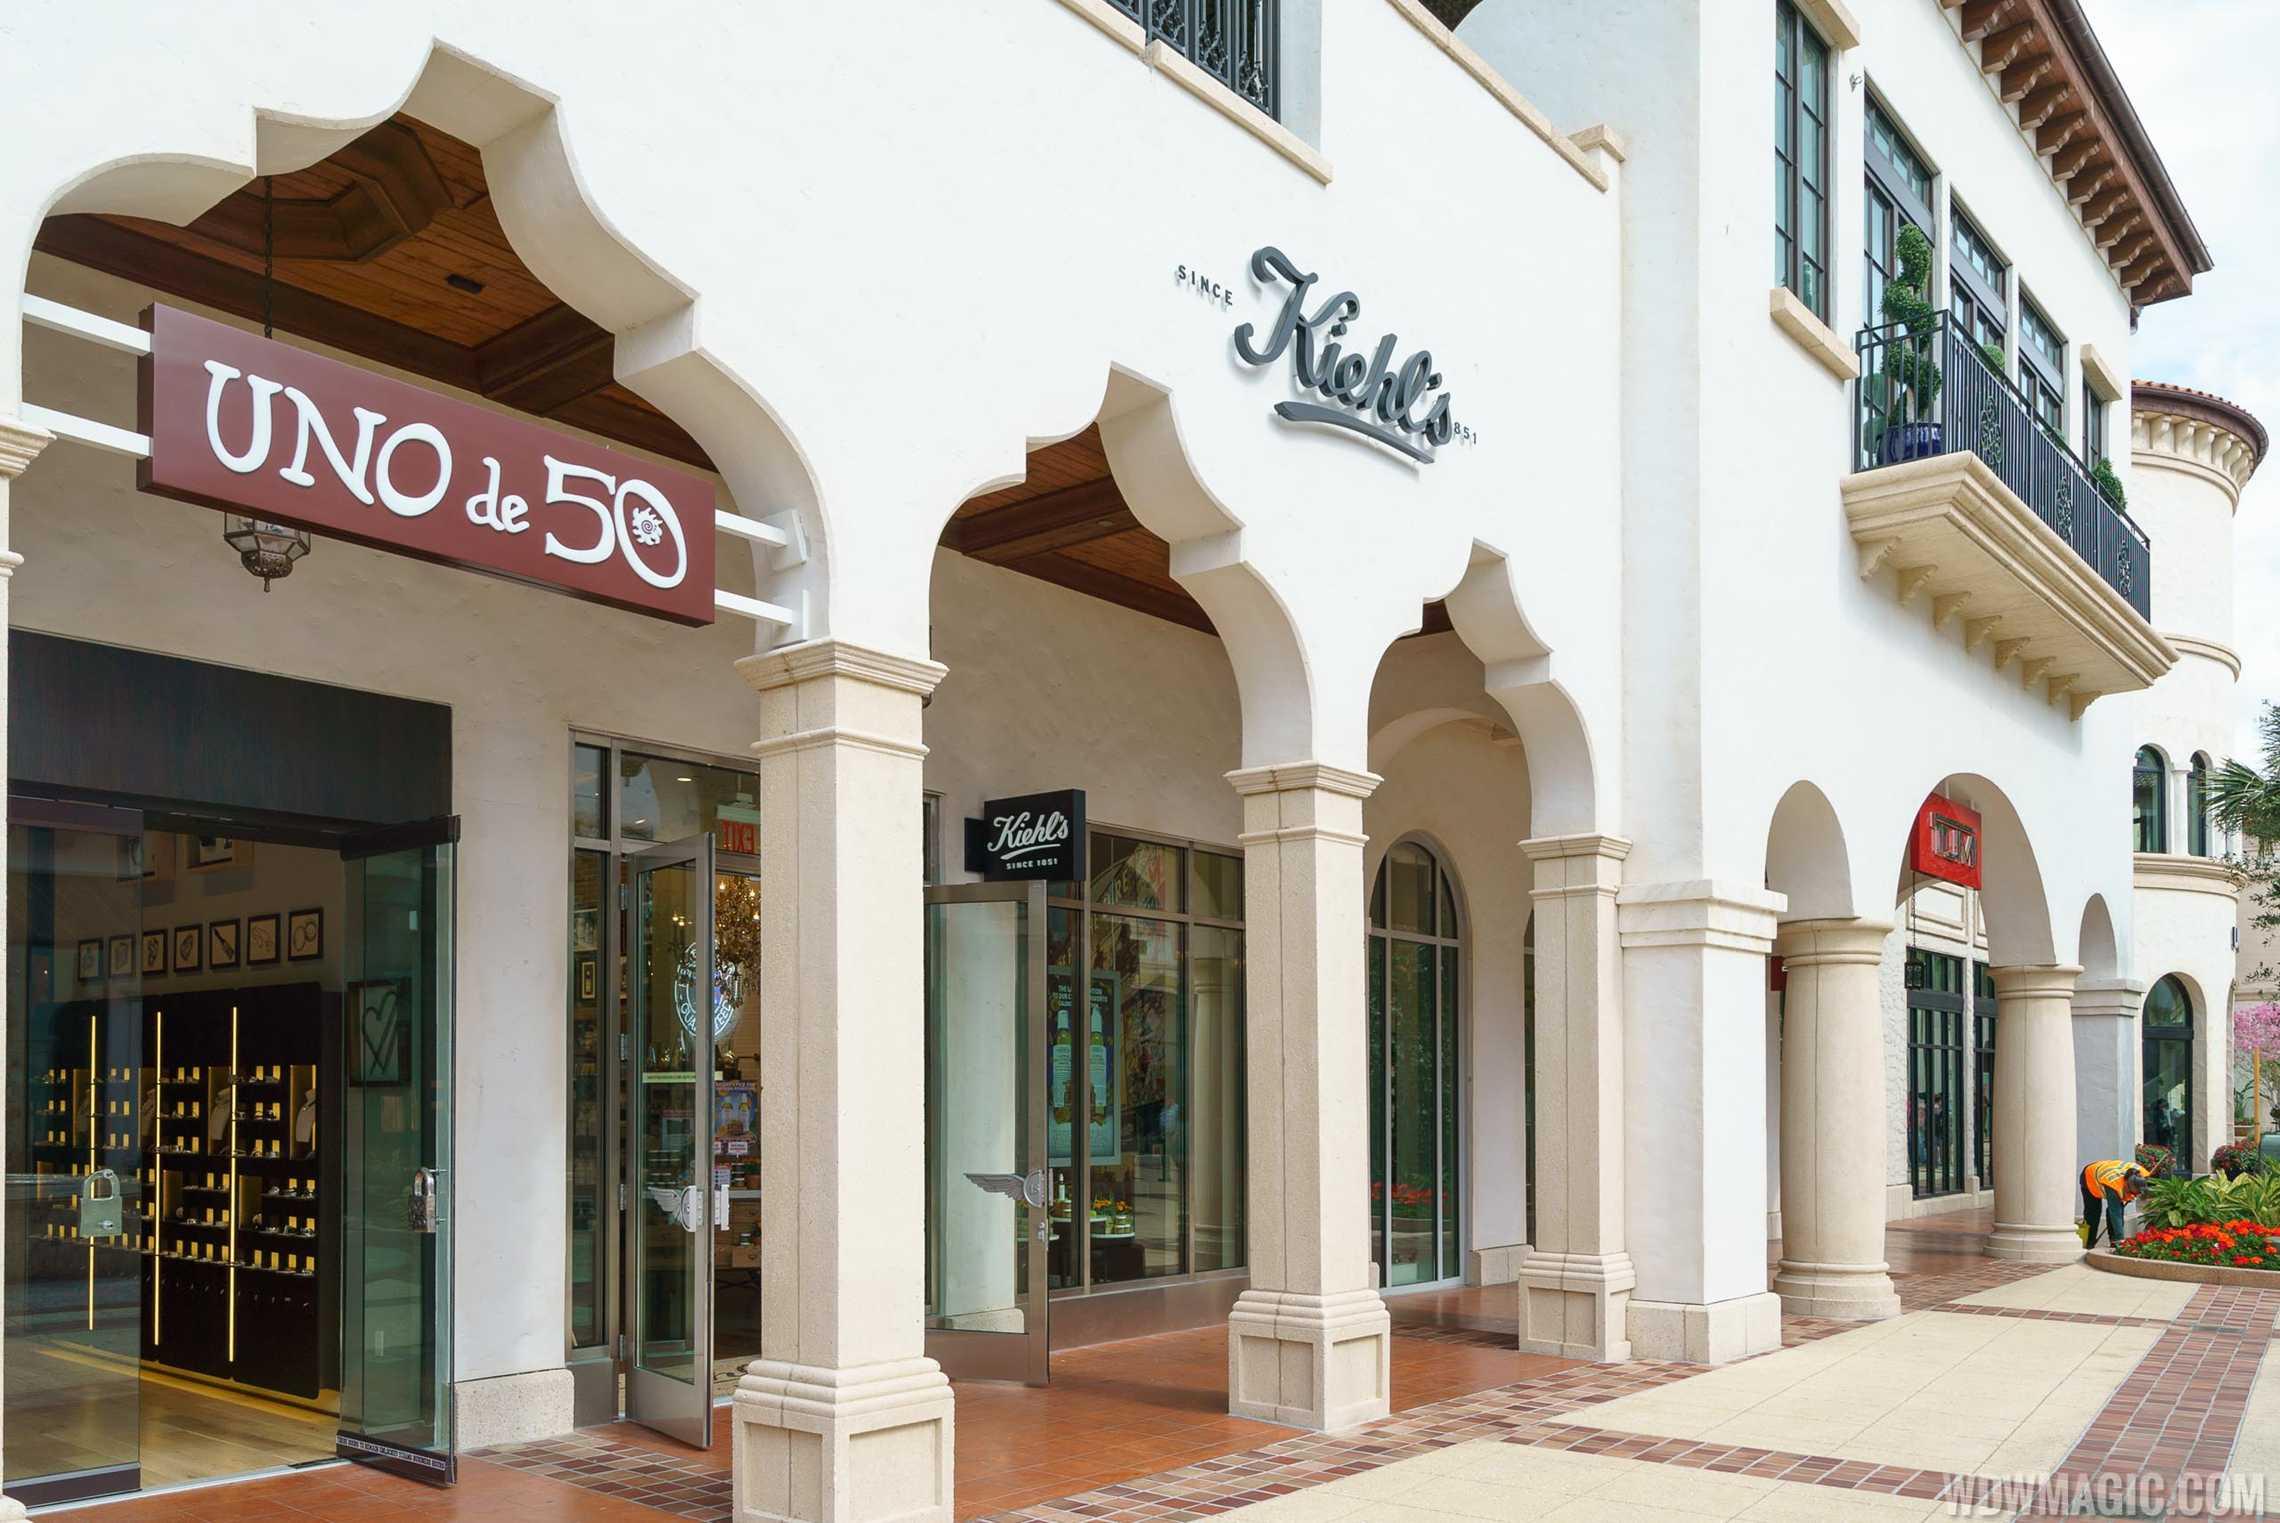 Kheil's store front